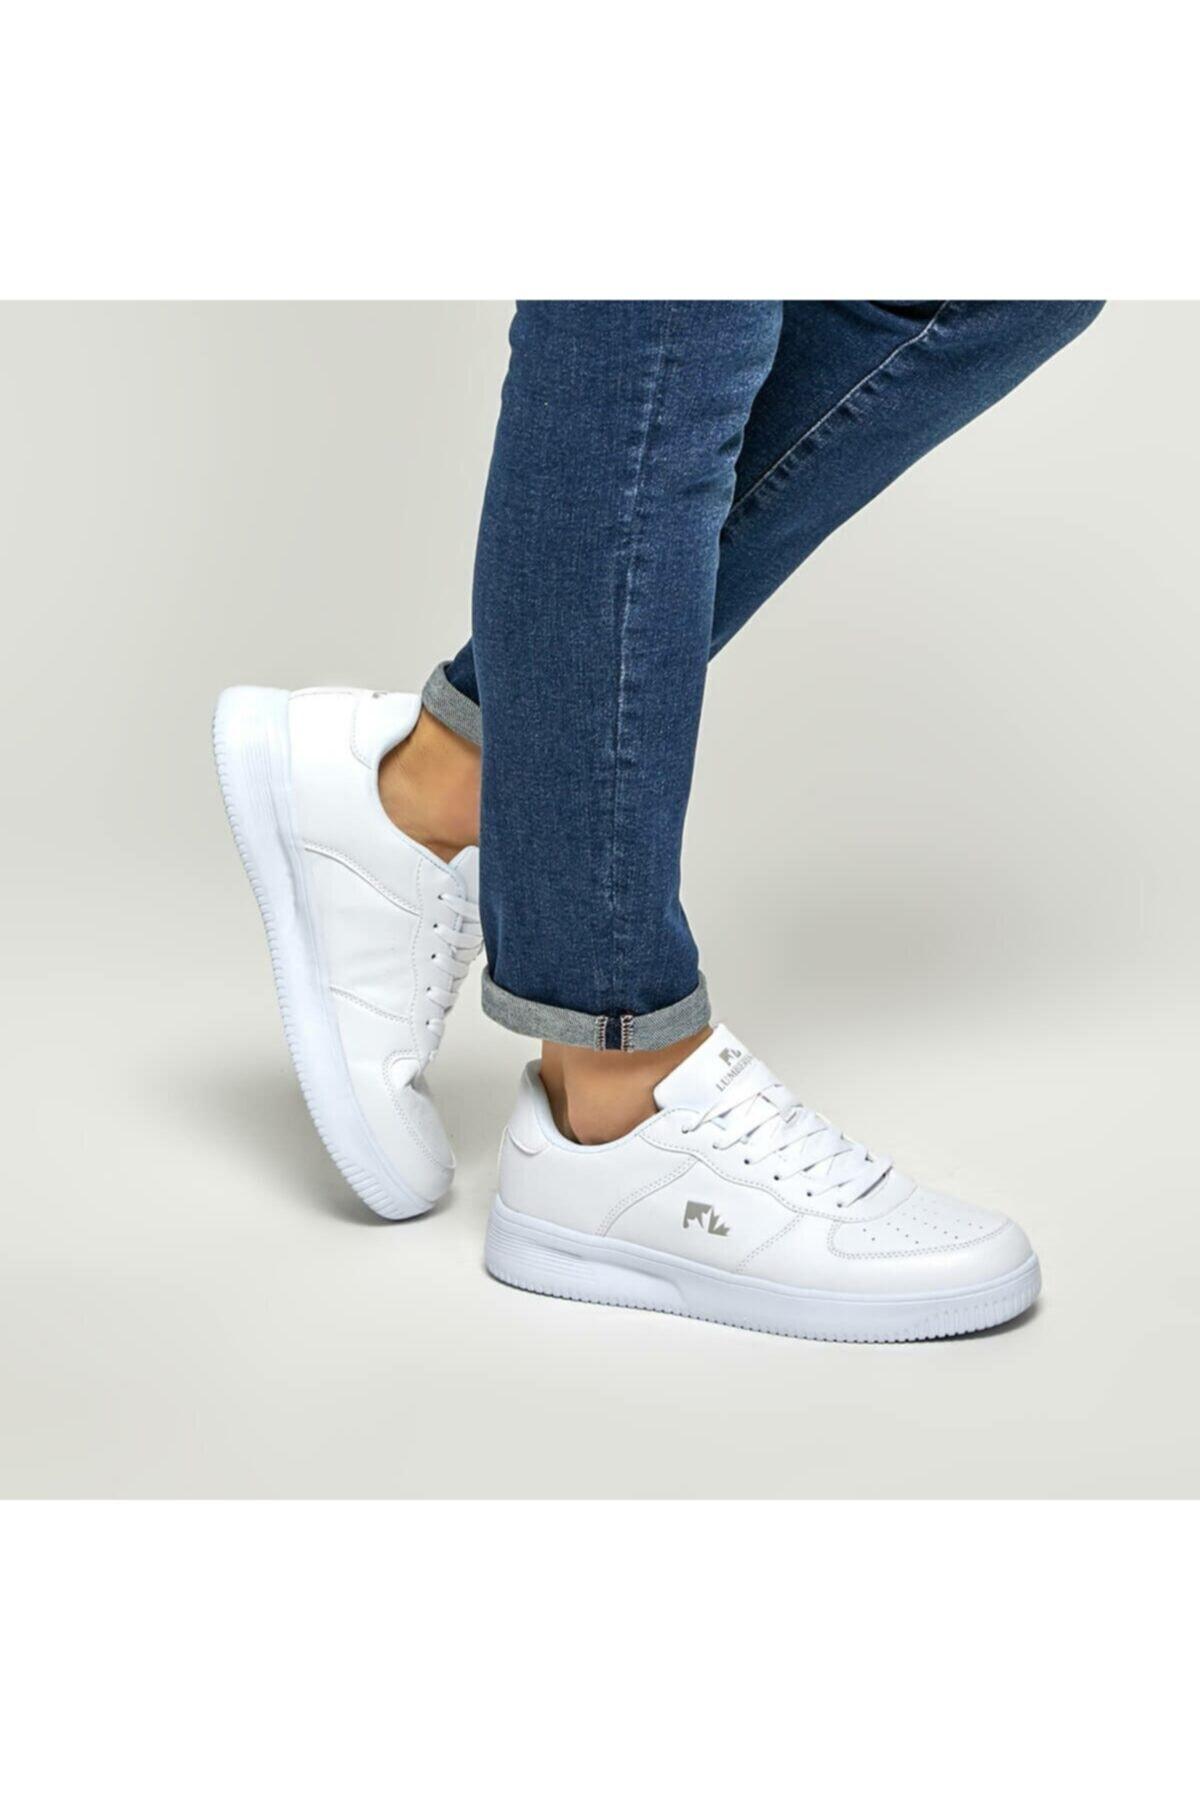 lumberjack 9M Fınster Kadın Spor Ayakkabı 1